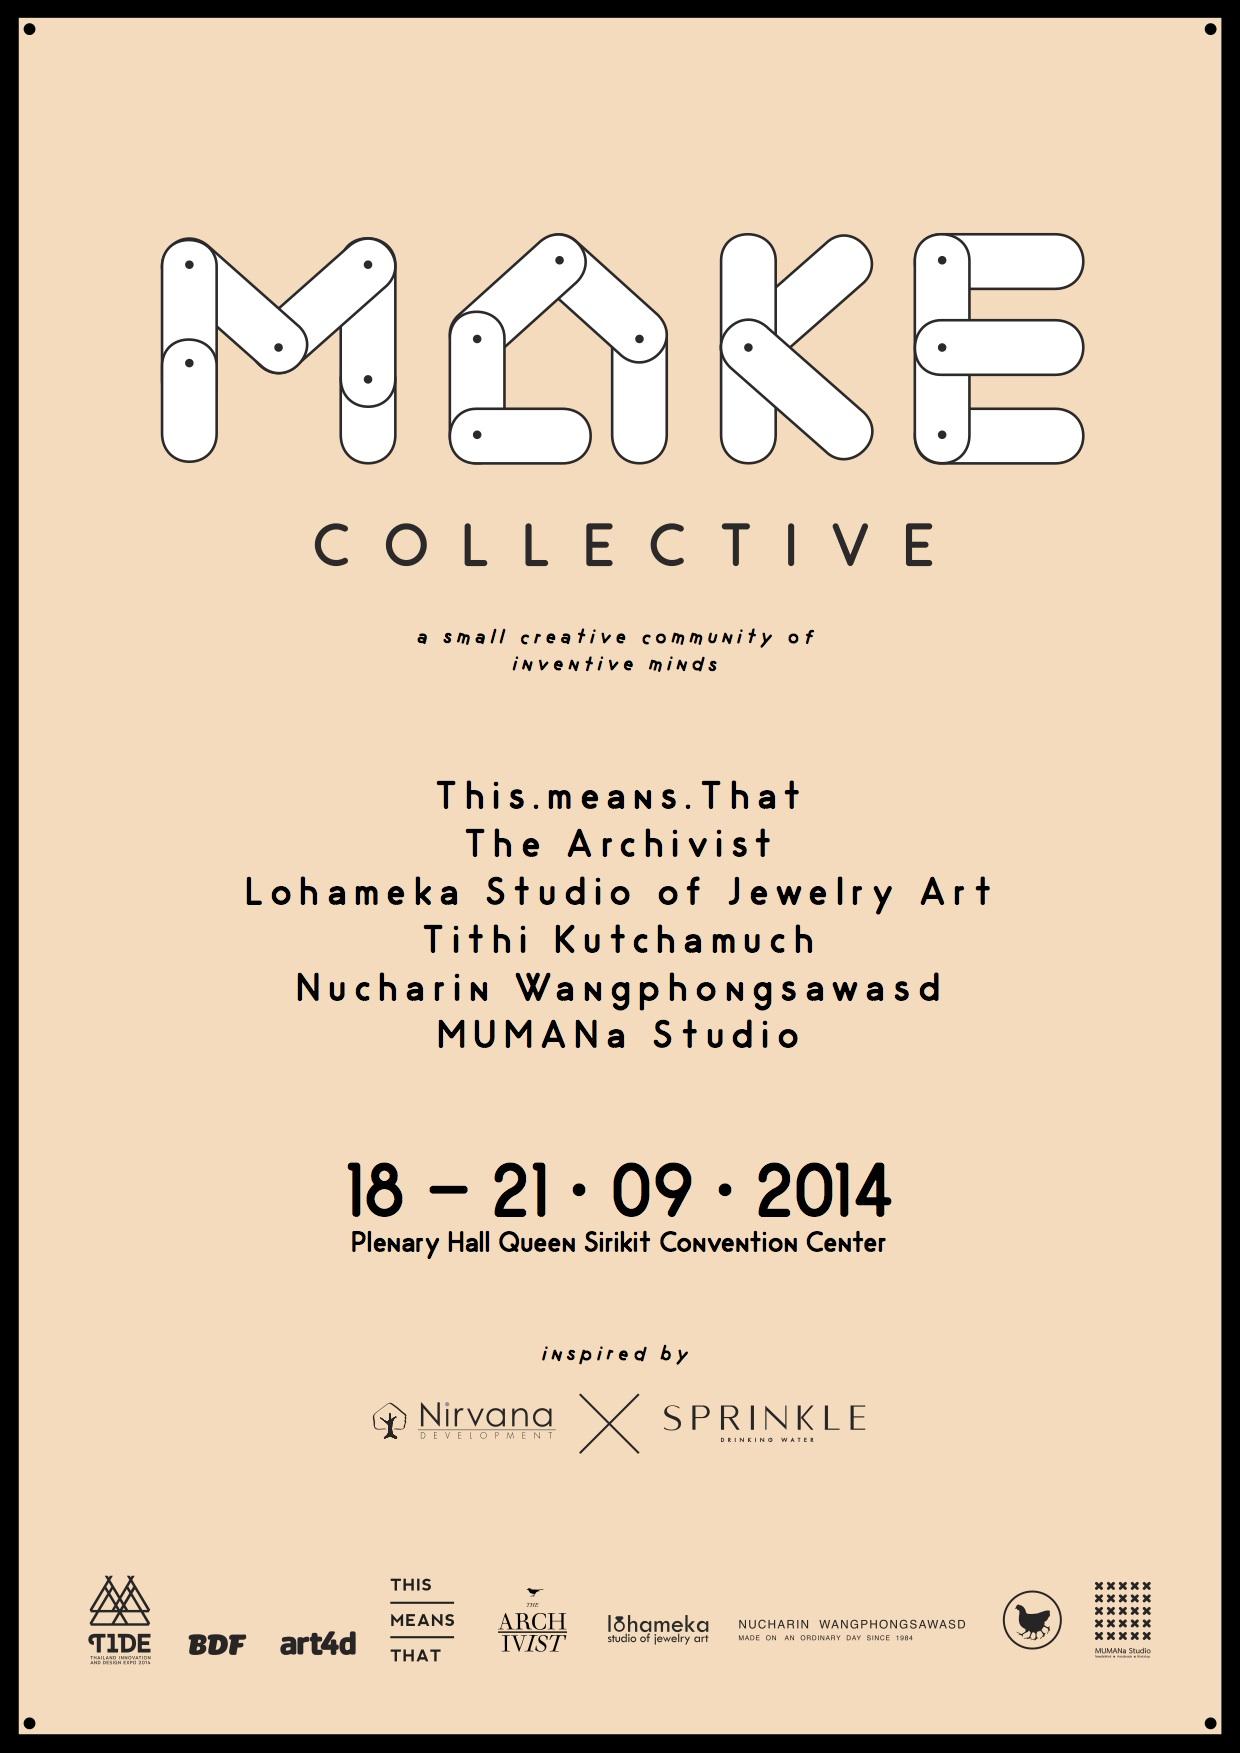 http://www.bangkokdesignfestival.com/makecollective.pdf